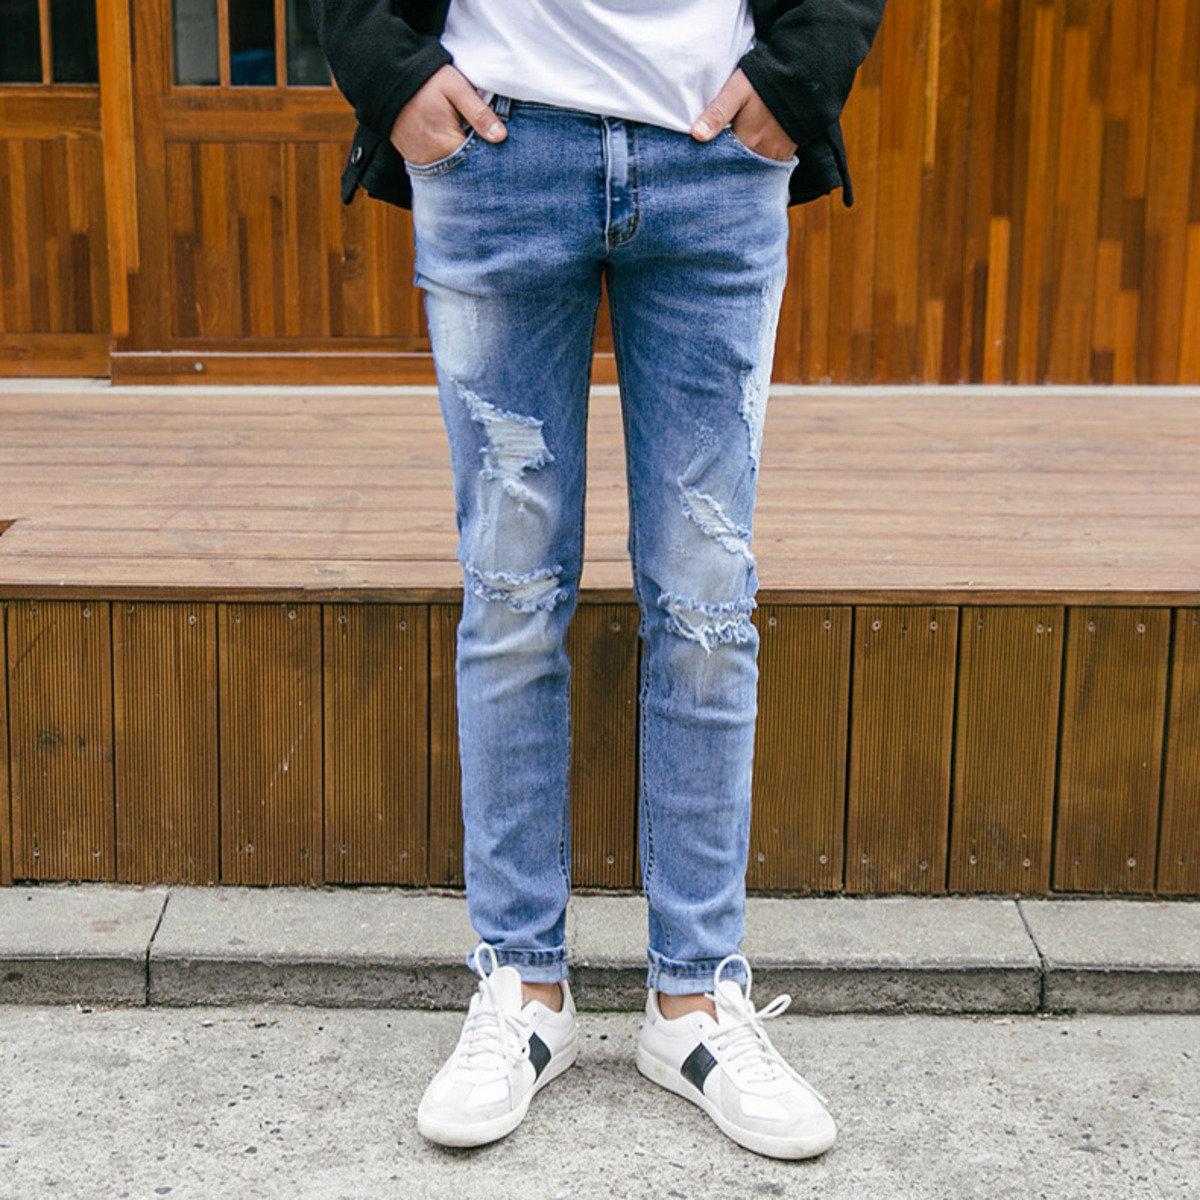 型格破洞牛仔褲_PA1_160302864